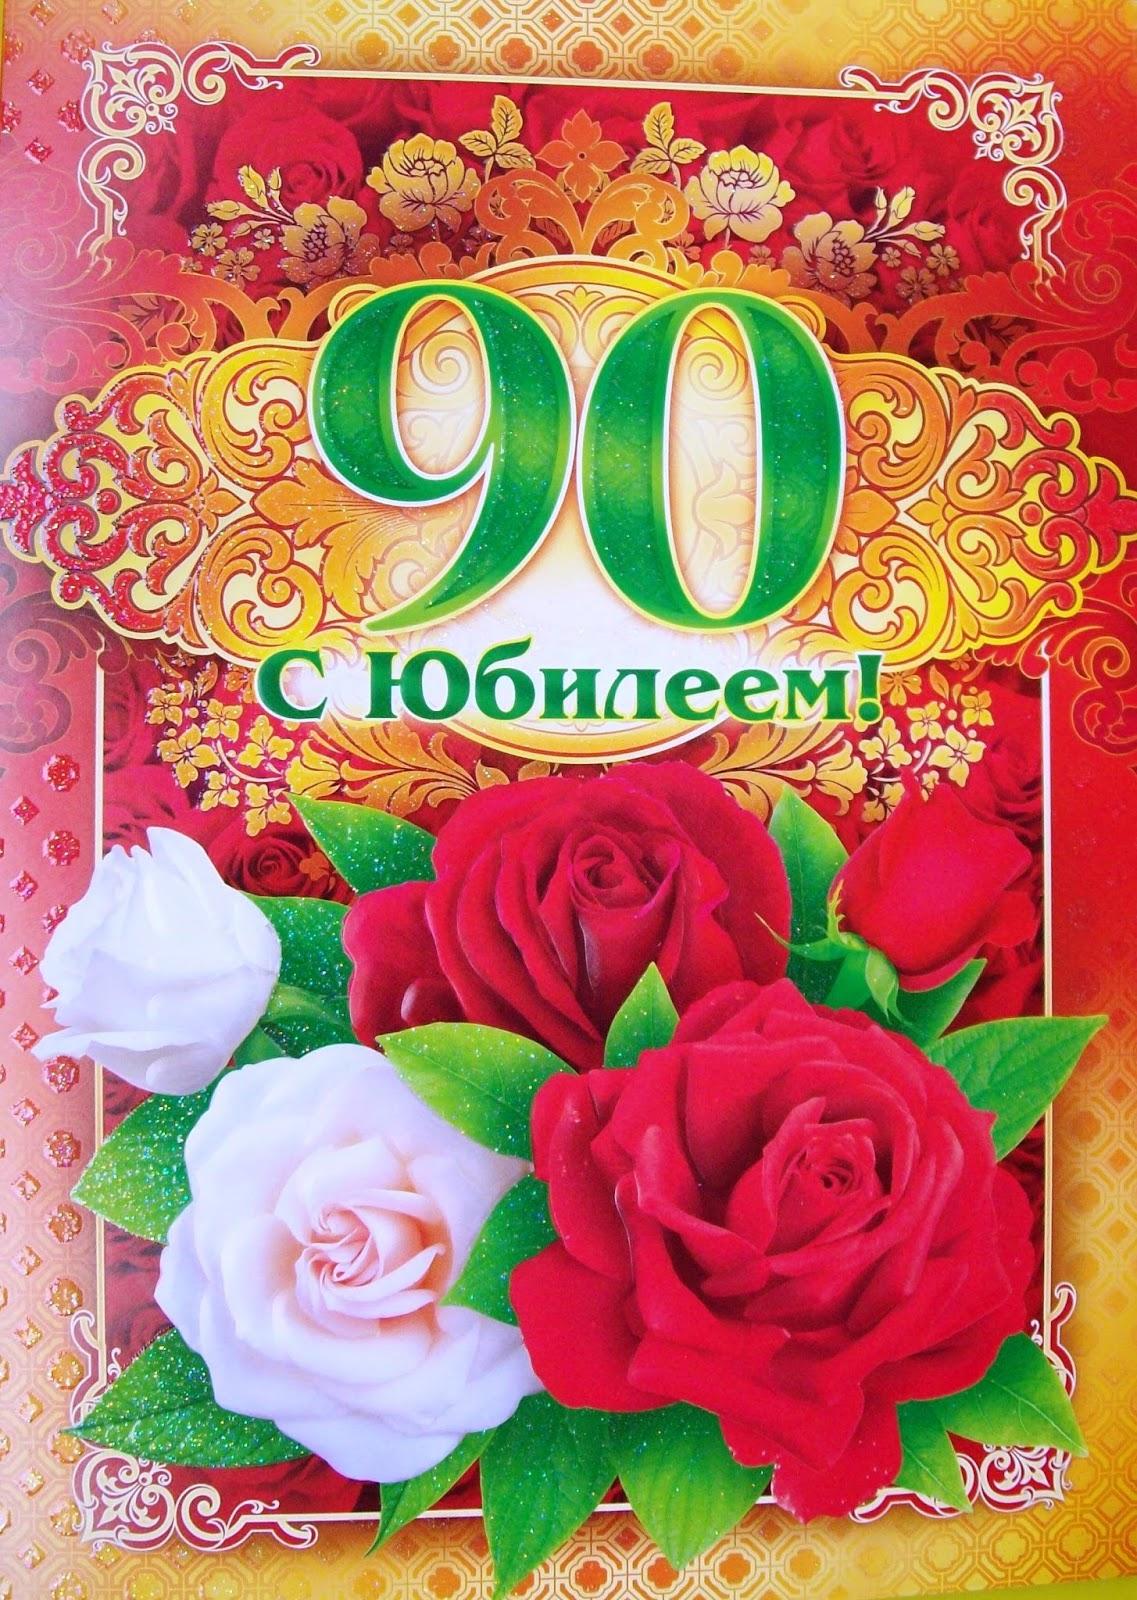 Поздравления с днем рождения бабушку с 90 летием